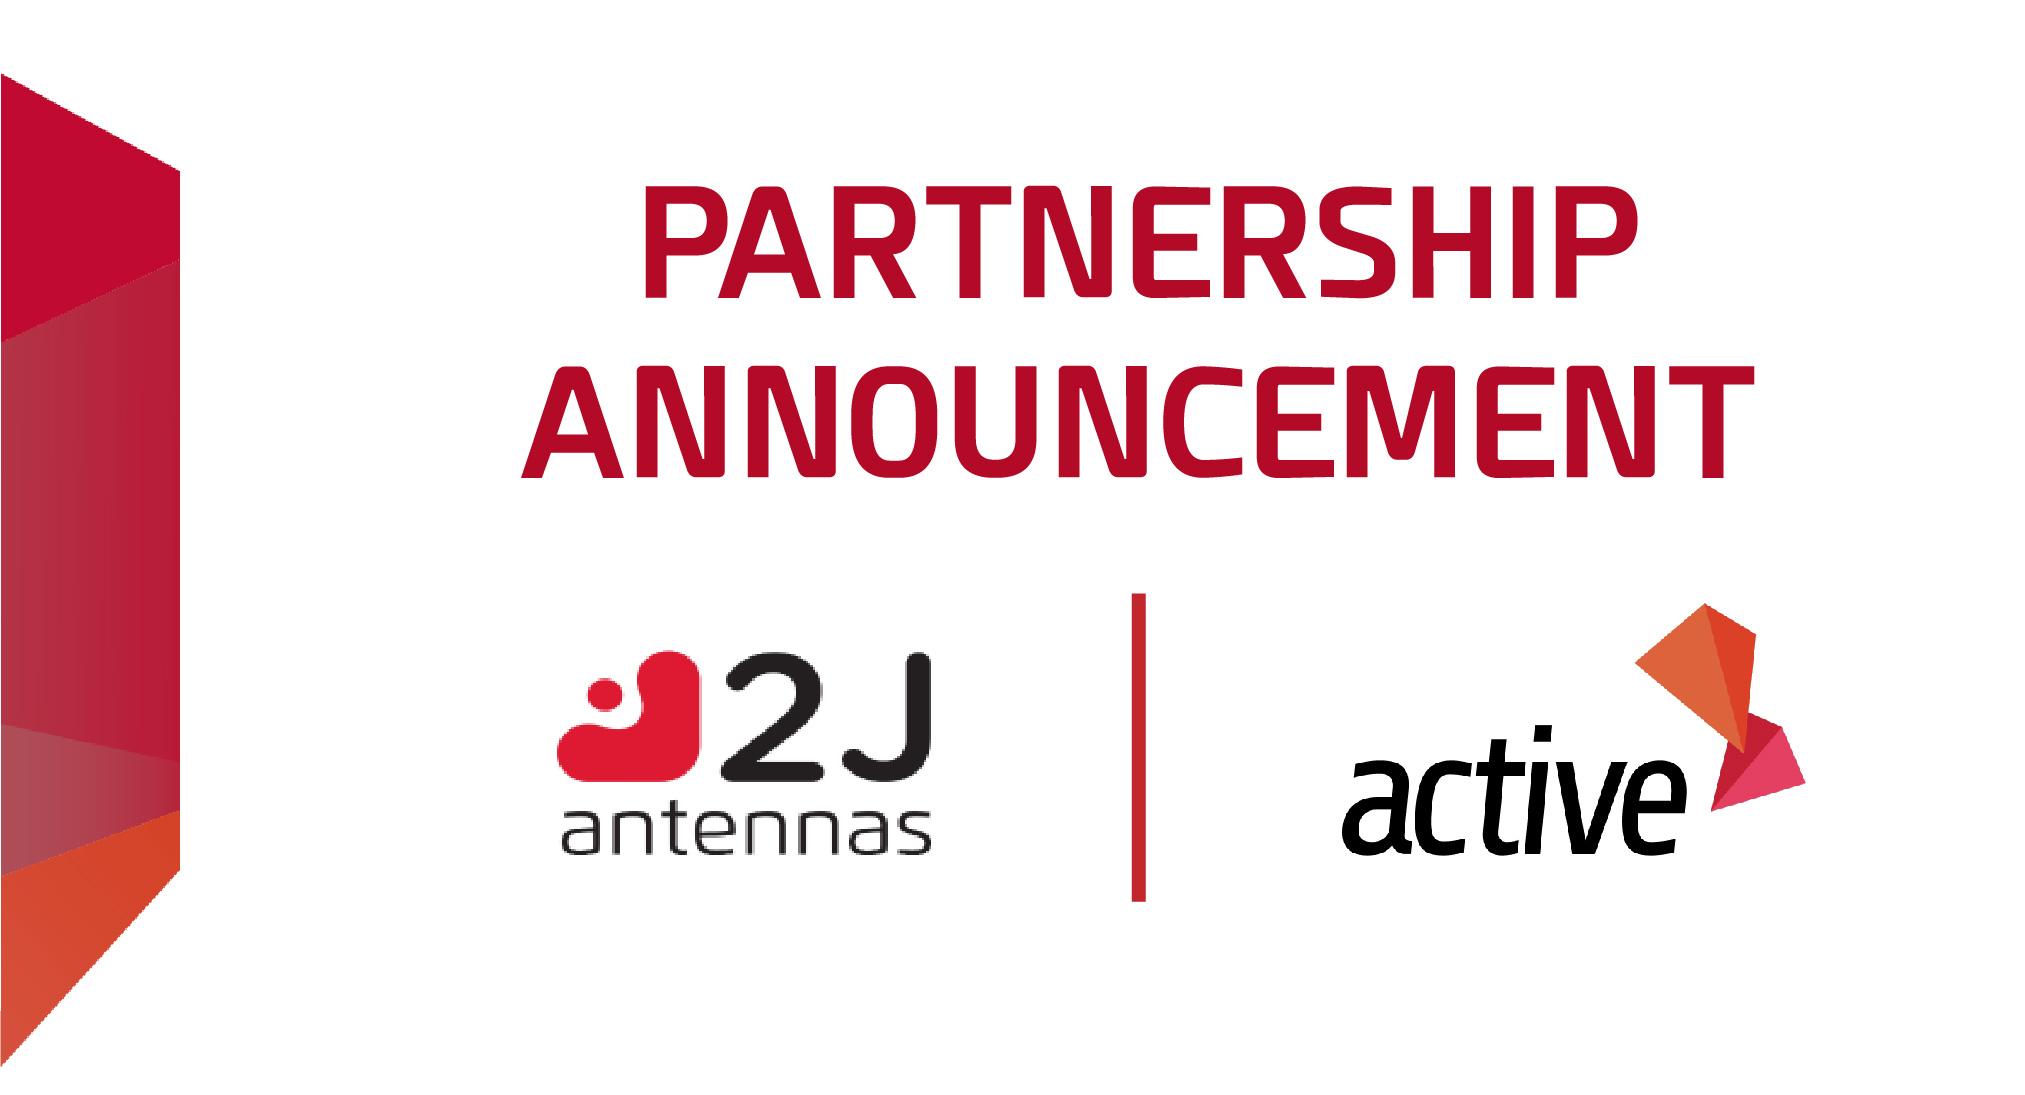 Partnership Announcement 2J Active